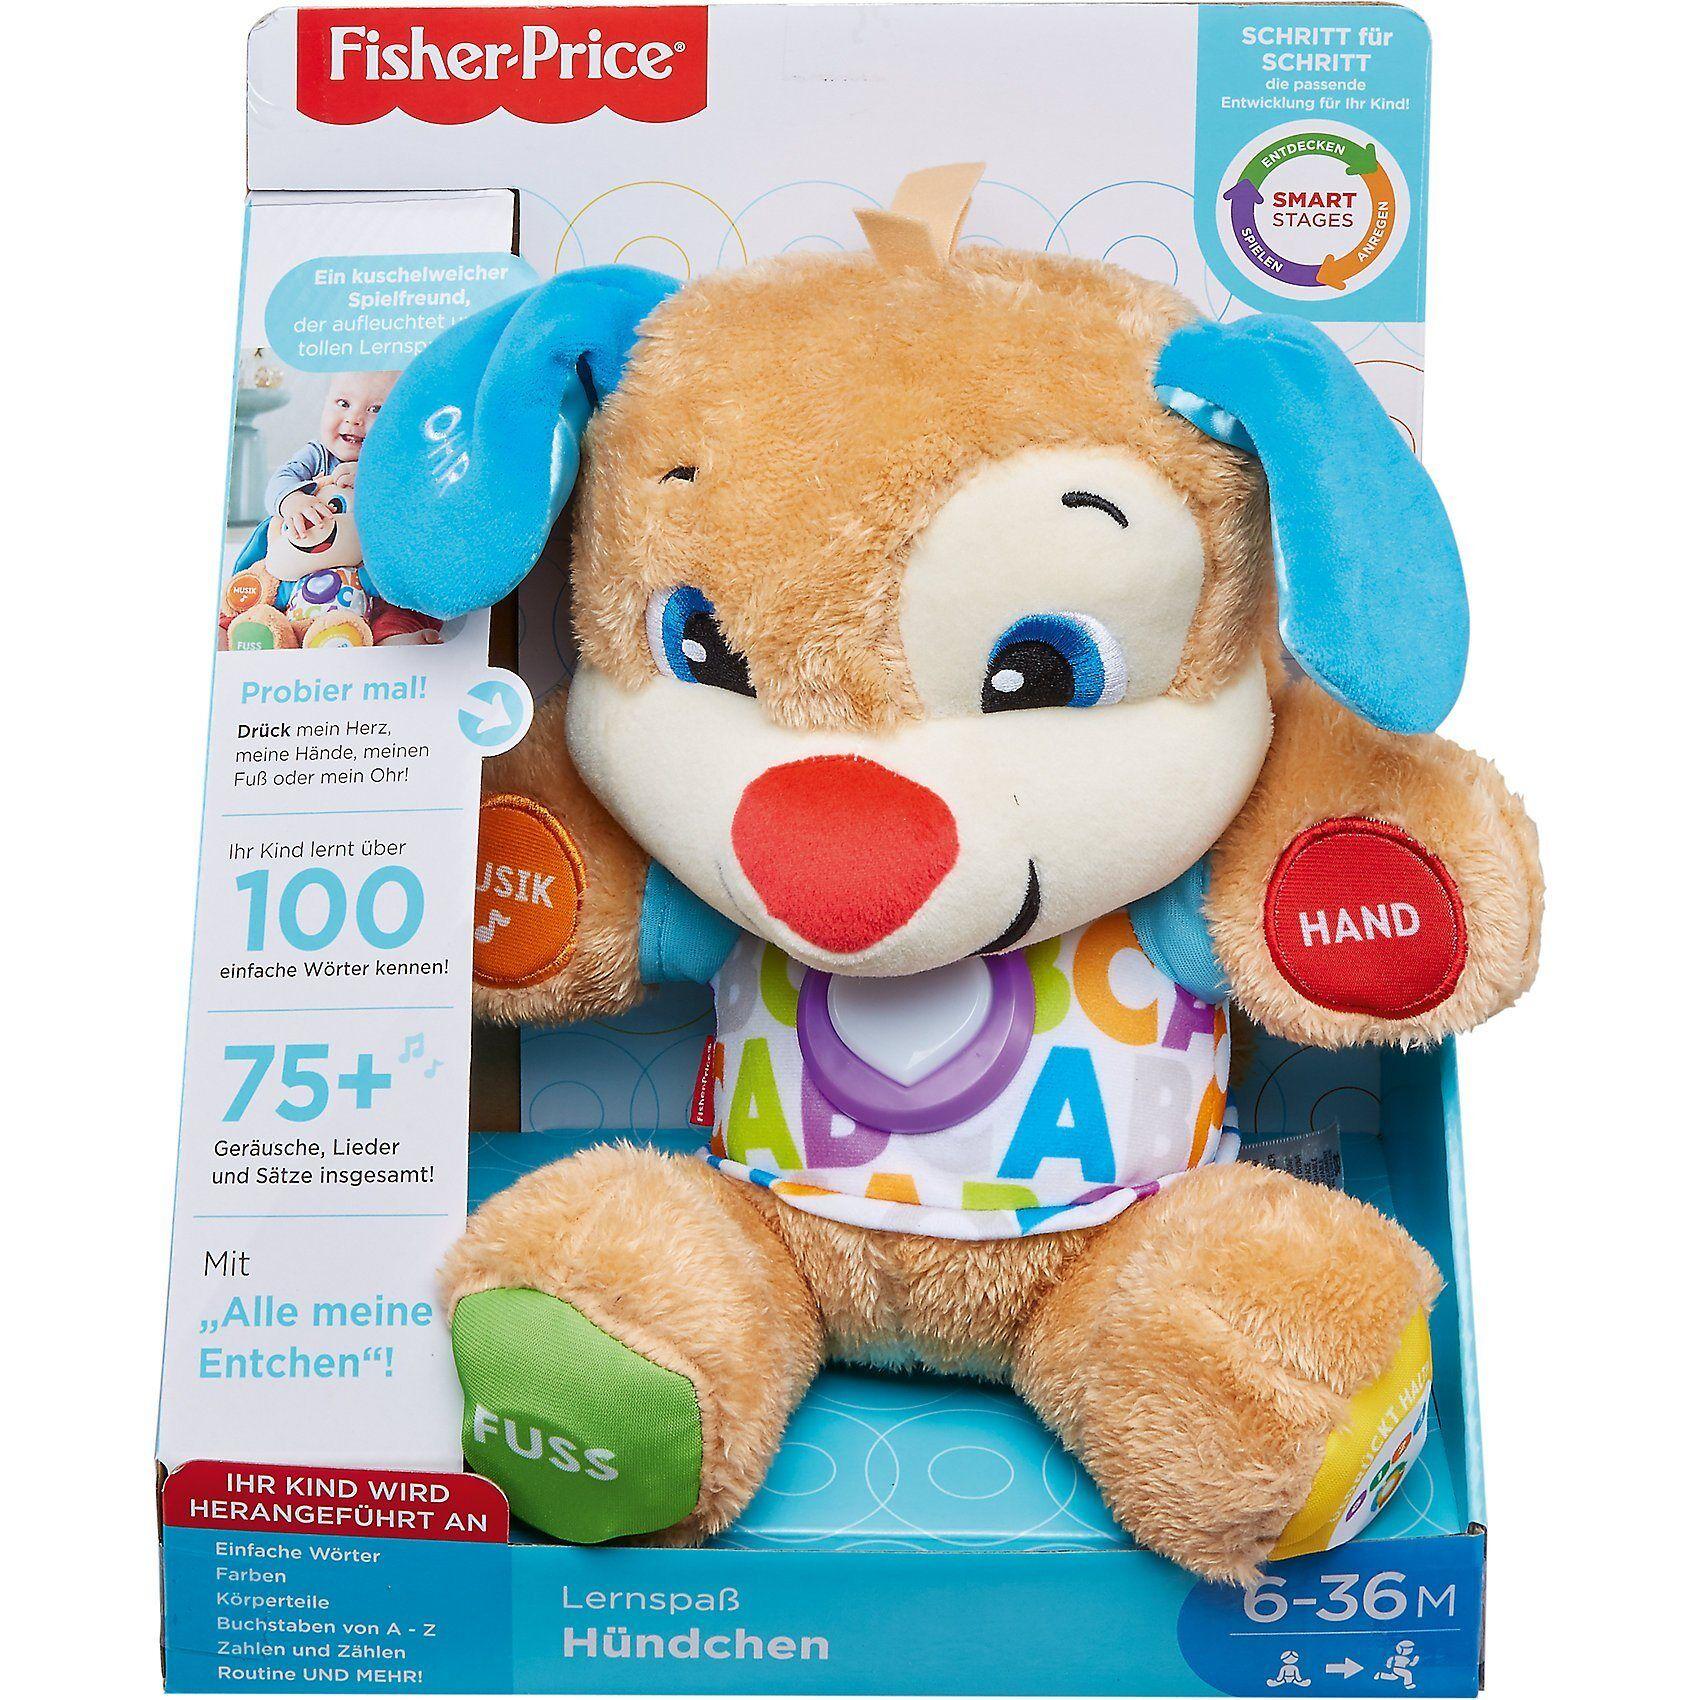 Mattel Fisher-Price Lernspaß Hündchen, Baby-Spielzeug mit Musik, Ku, blau